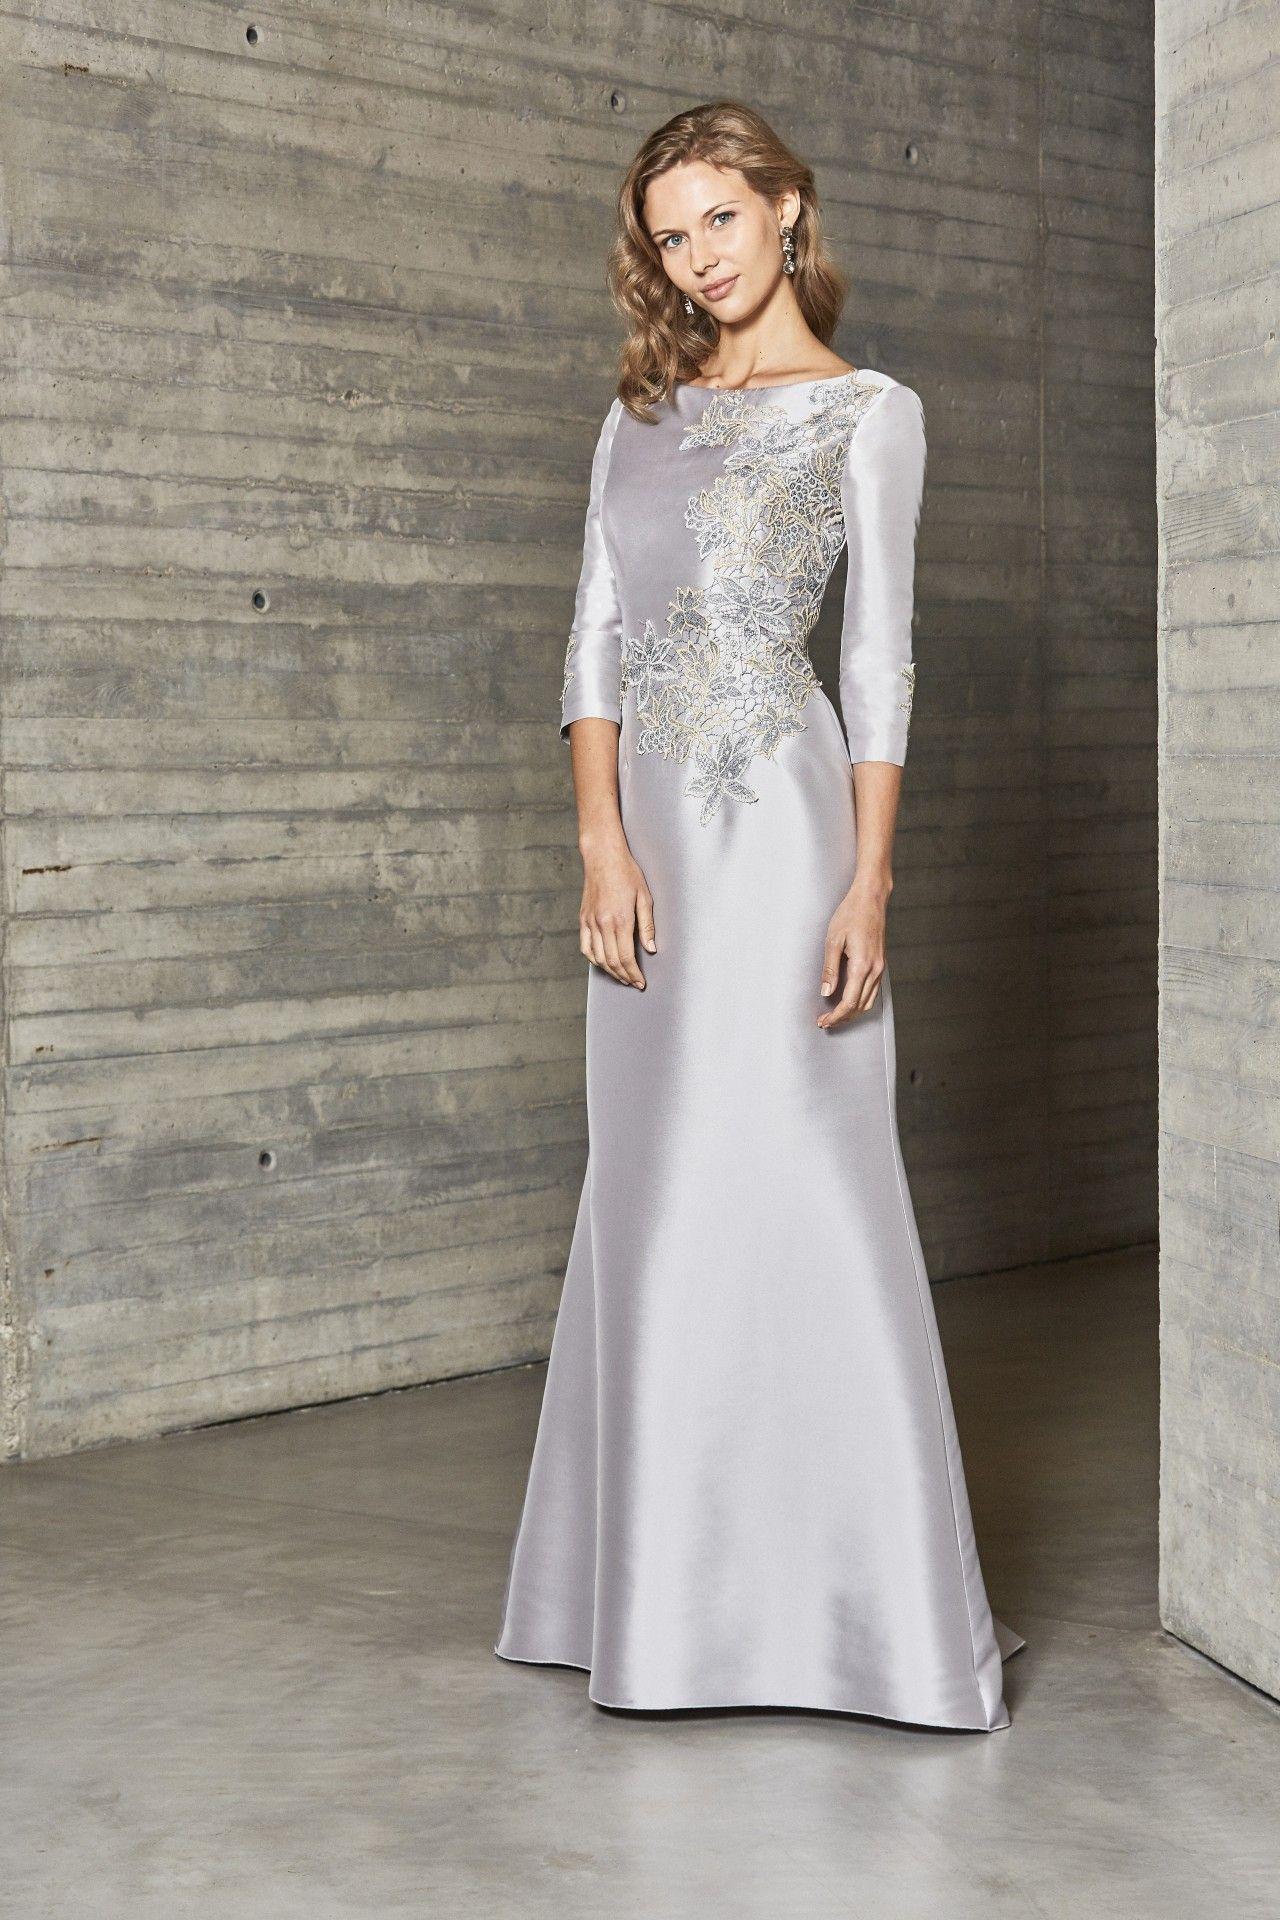 Tienda vestidos boda majadahonda